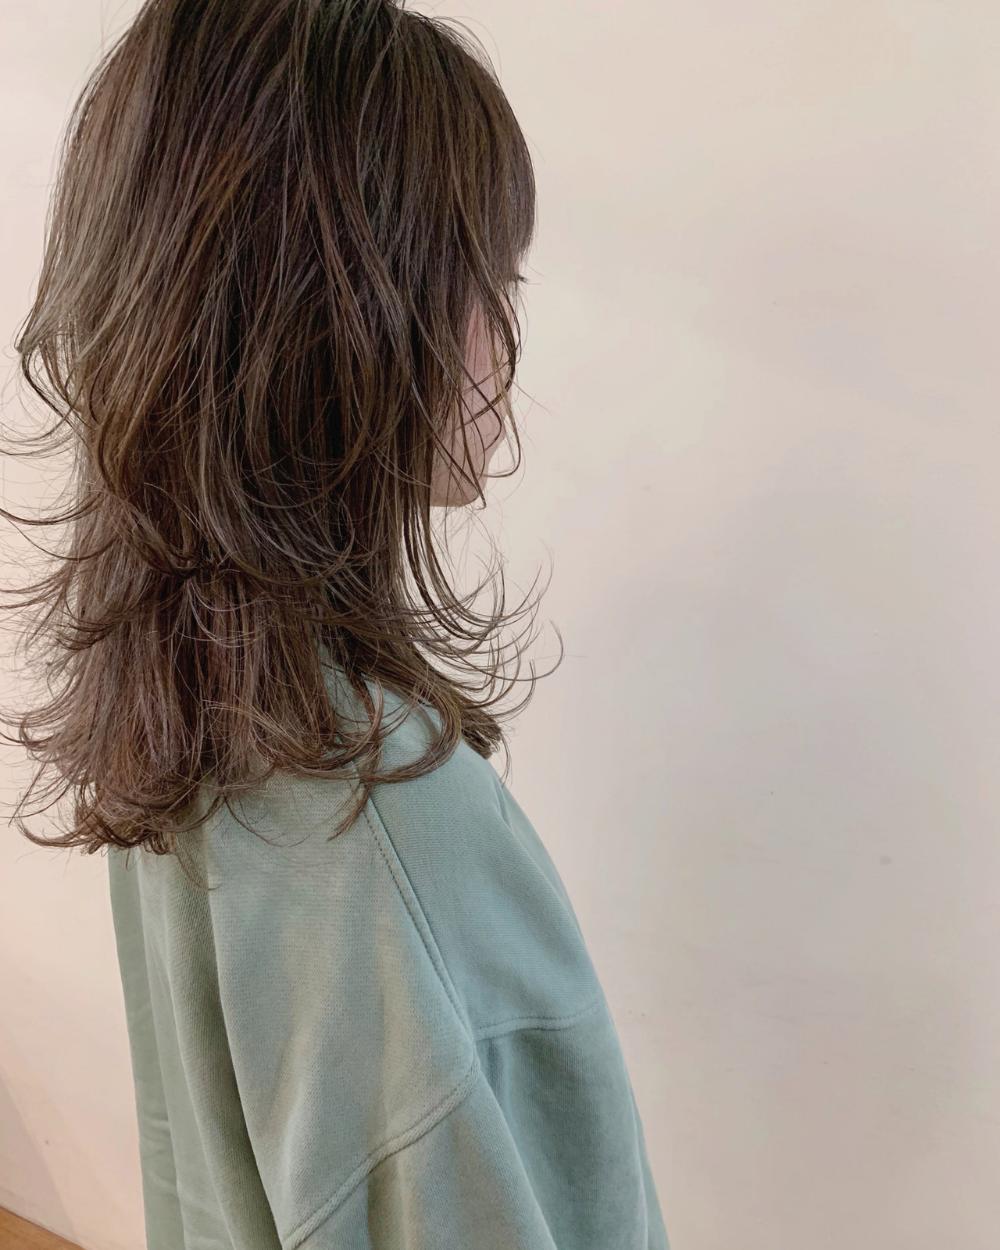 旬のウルフパーマが人気 大人女子のおしゃれを独り占めしよ Hair レイヤーカット ロング ヘアカット ロング レイヤーカットヘア